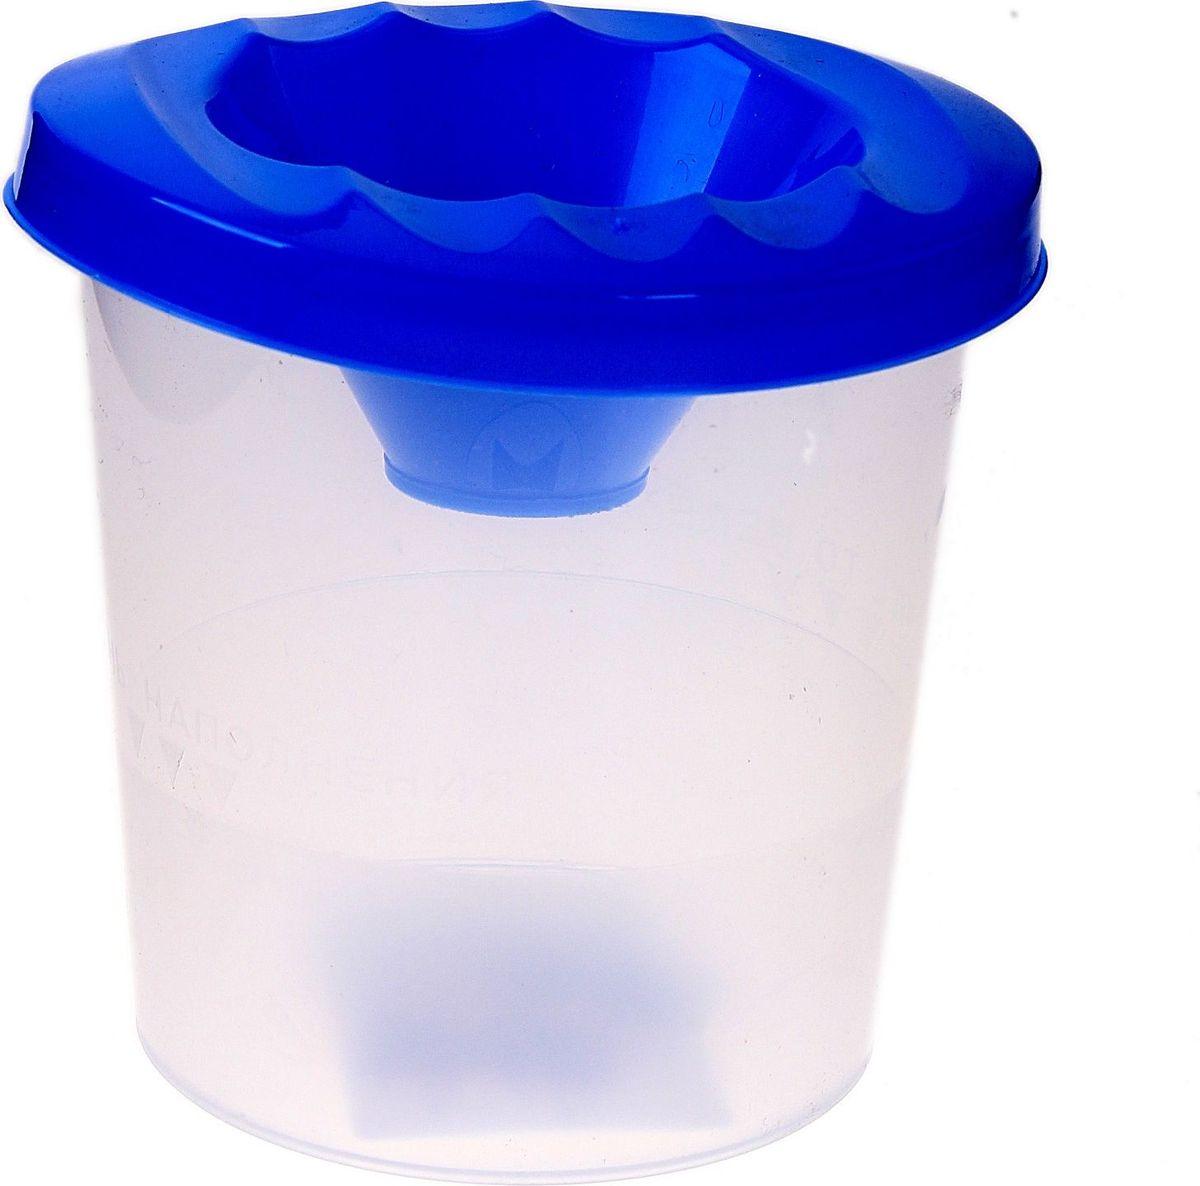 Стамм Стакан-непроливайка цвет синий 210 мл луч стакан непроливайка для рисования цвет оранжевый